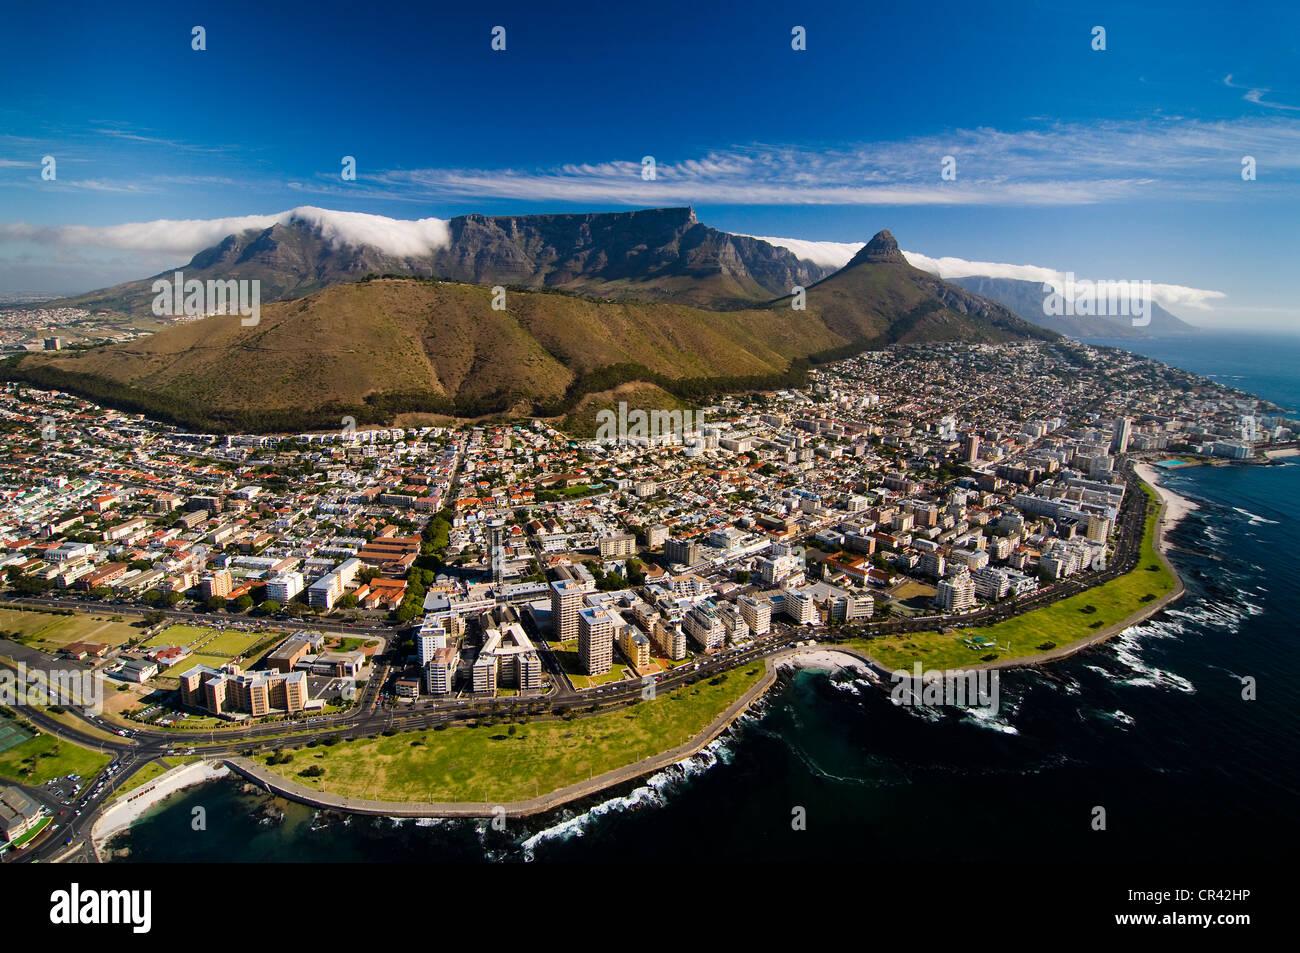 La montagne de la table, vue aérienne, vue sur Cape Town, Western Cape, Afrique du Sud, l'Afrique Photo Stock